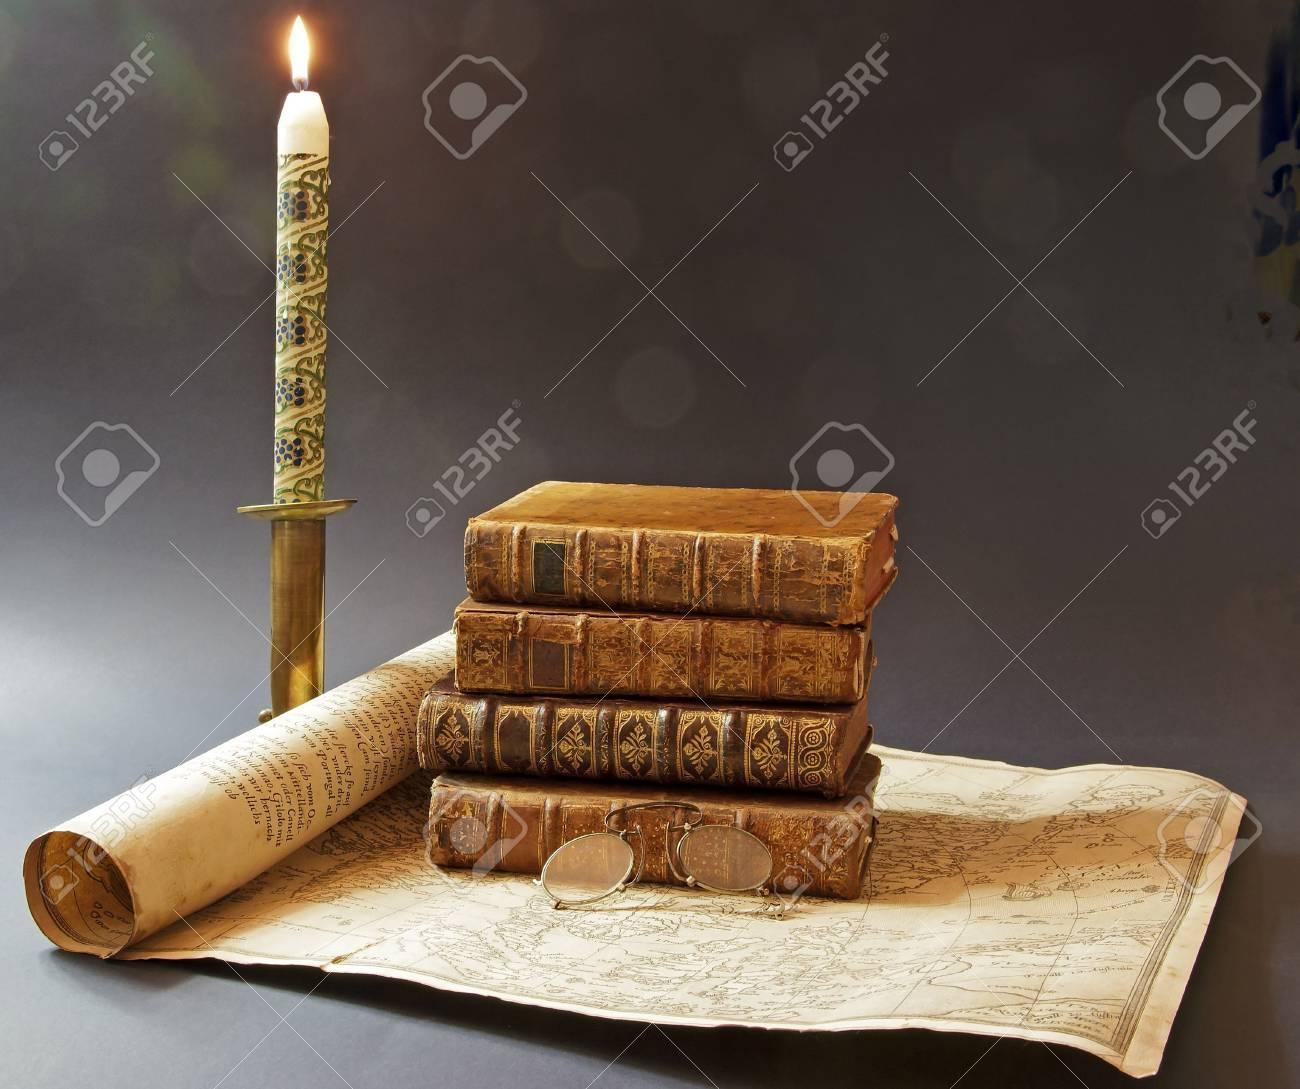 vieux livres et carte du 17 ème siècle, éclairée à la bougie Banque d'images - 16417303